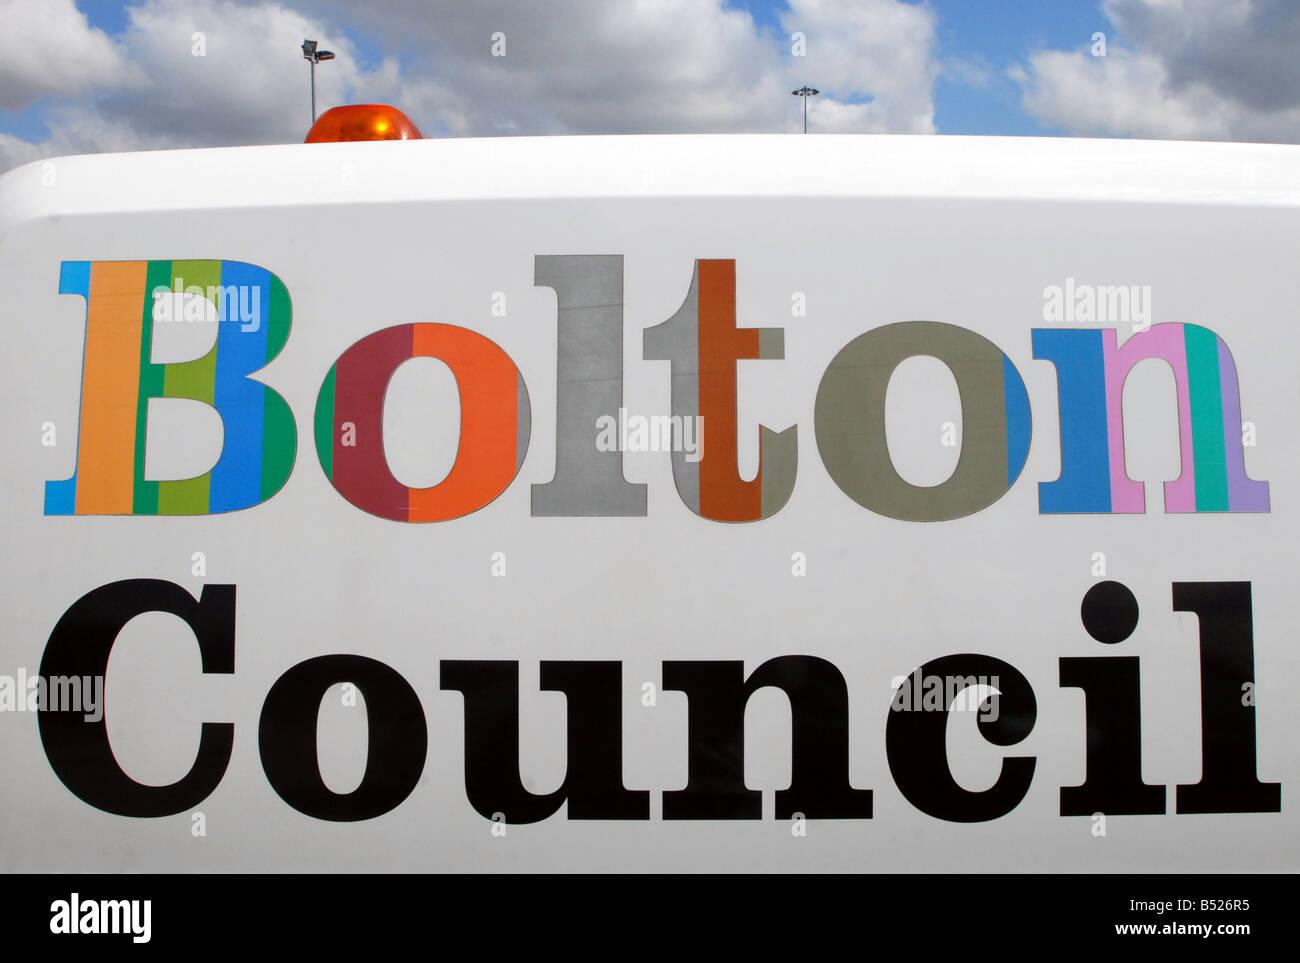 Bolton Council - Stock Image